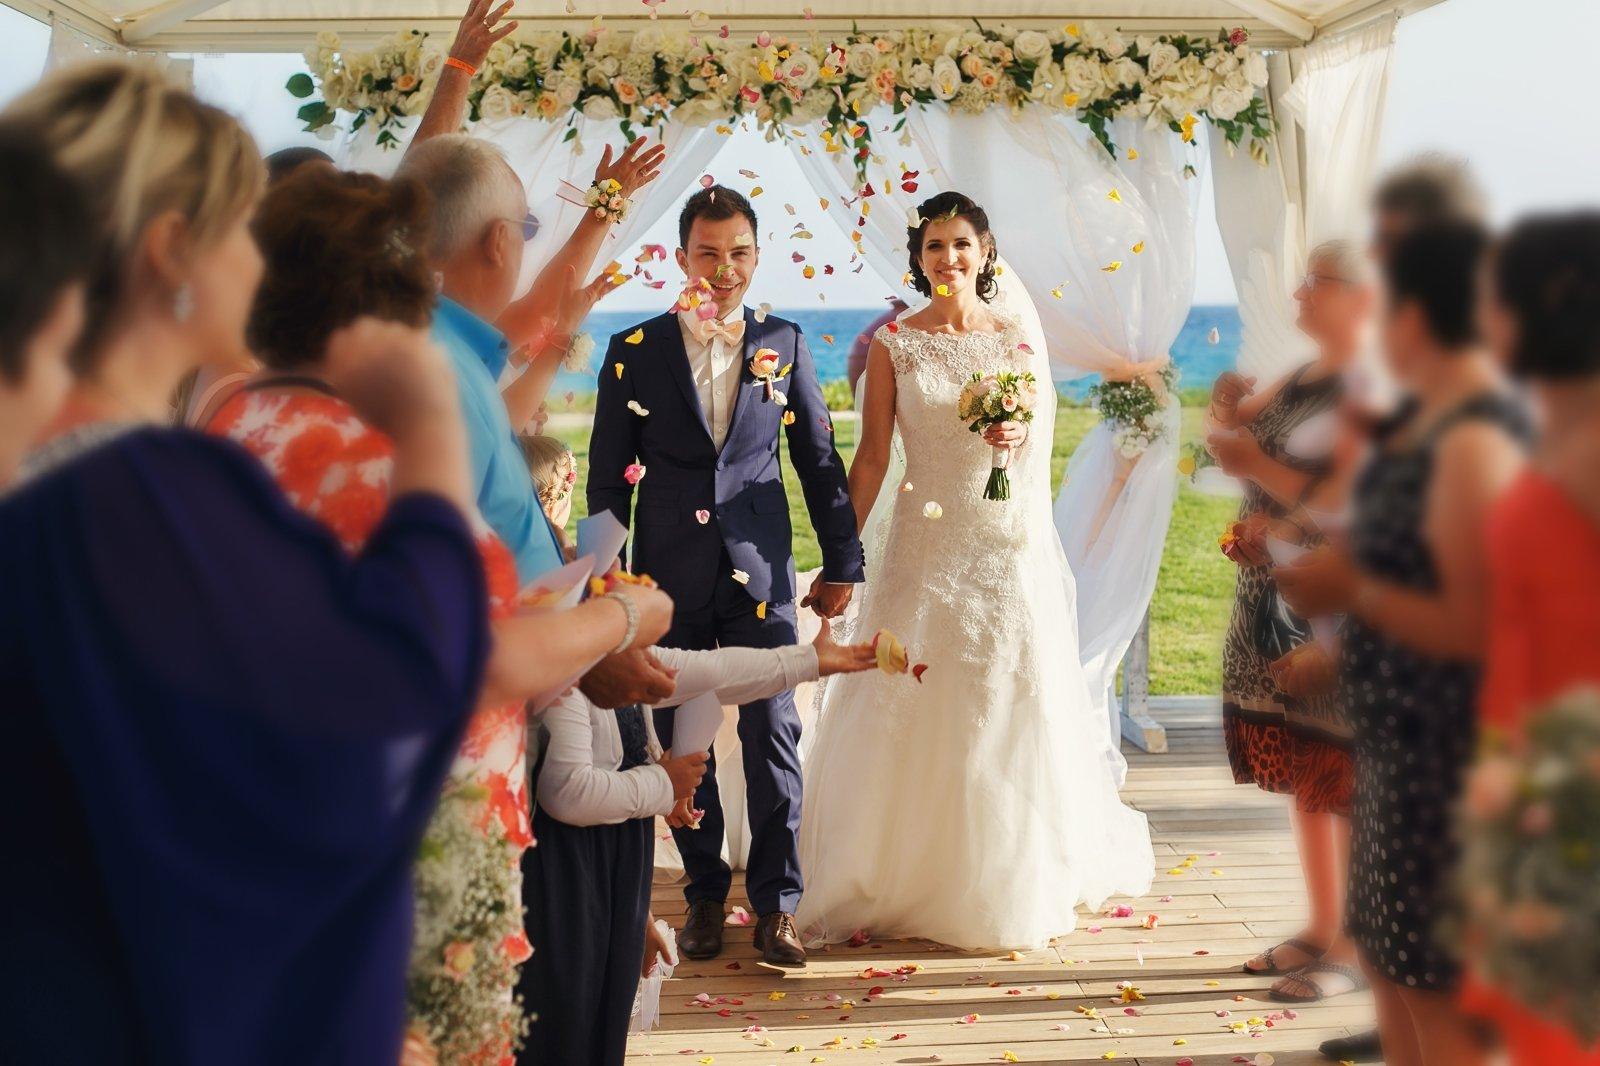 Novelli sposi, il mare , pioggia di petali di fiori